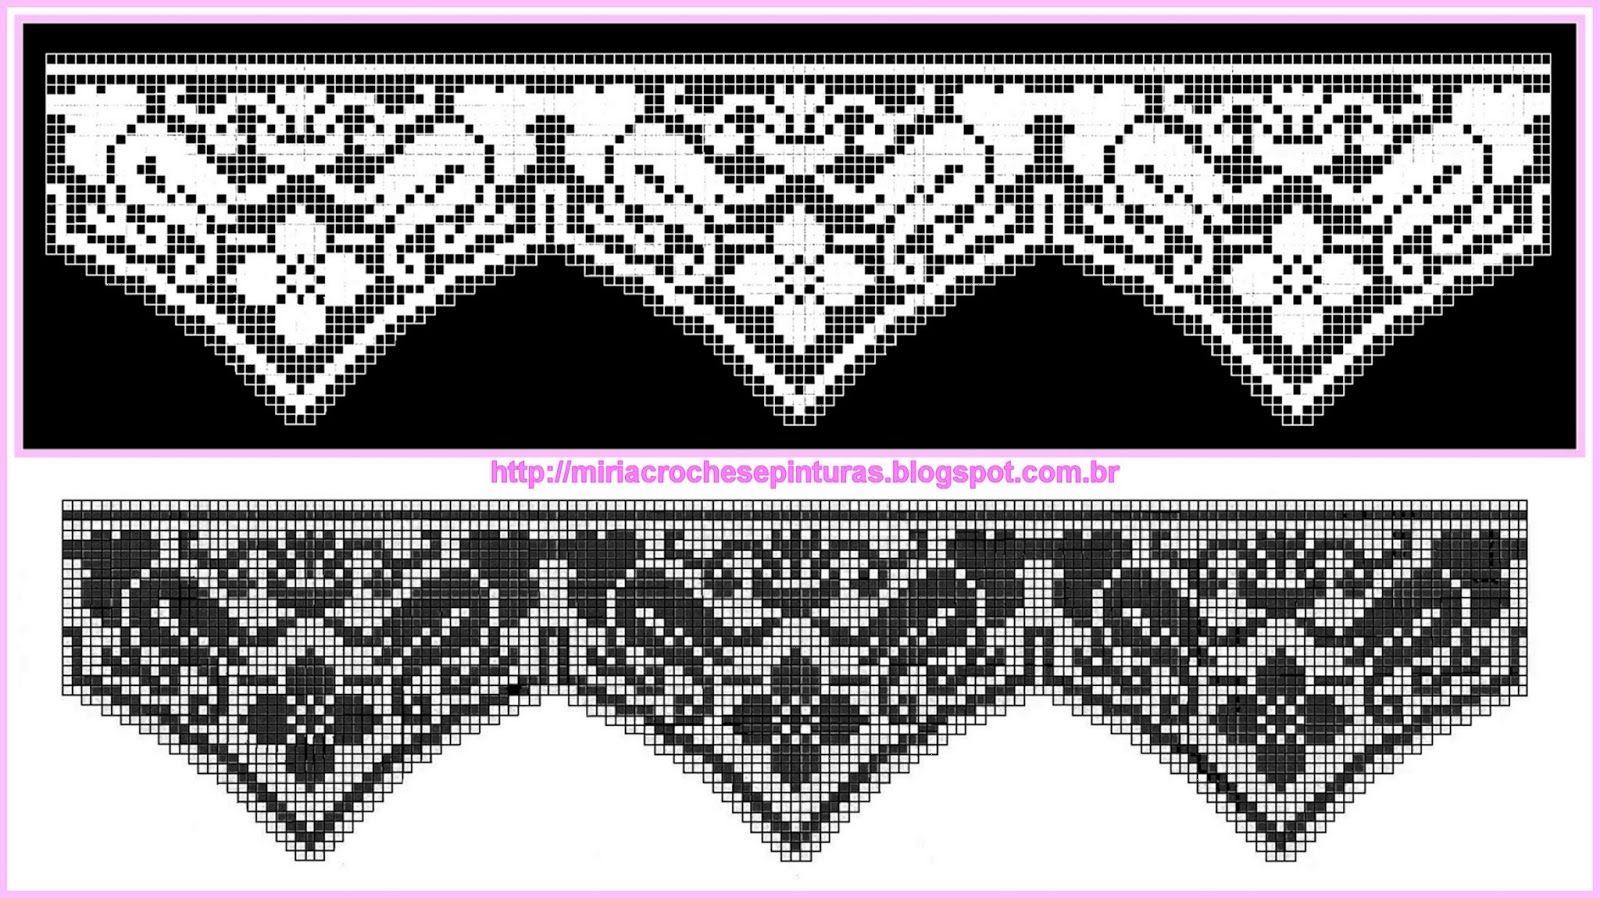 barrado+de+crochê+com+flores+-MIRIA+CROCHÊS+E+PINTURAS-02.jpg 1.600×898 piksel